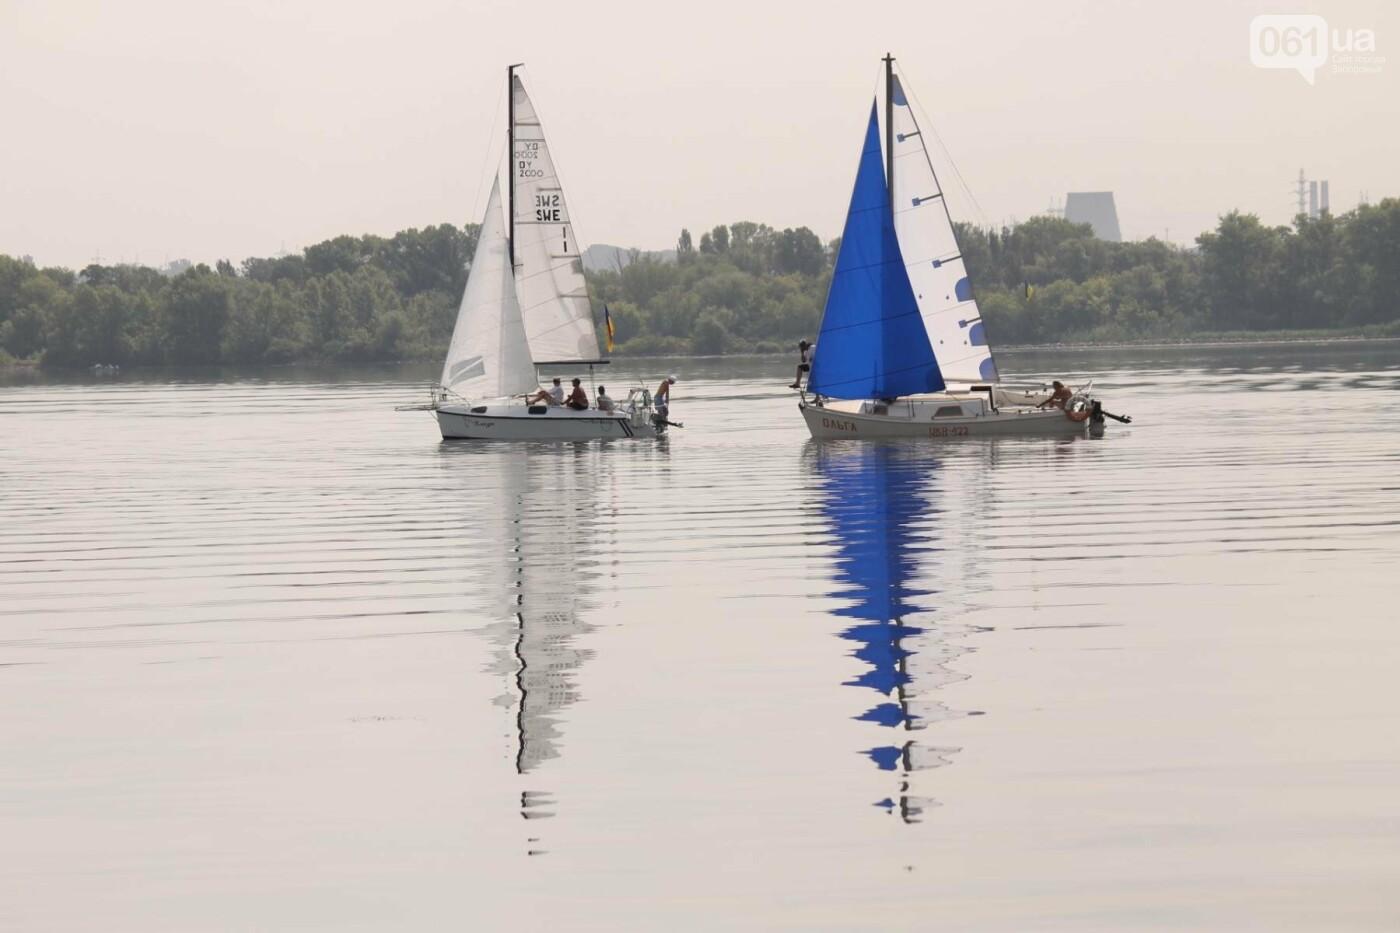 Сотни спортсменов и десятки яхт: как в Запорожье проходит парусная регата, – ФОТОРЕПОРТАЖ, фото-14